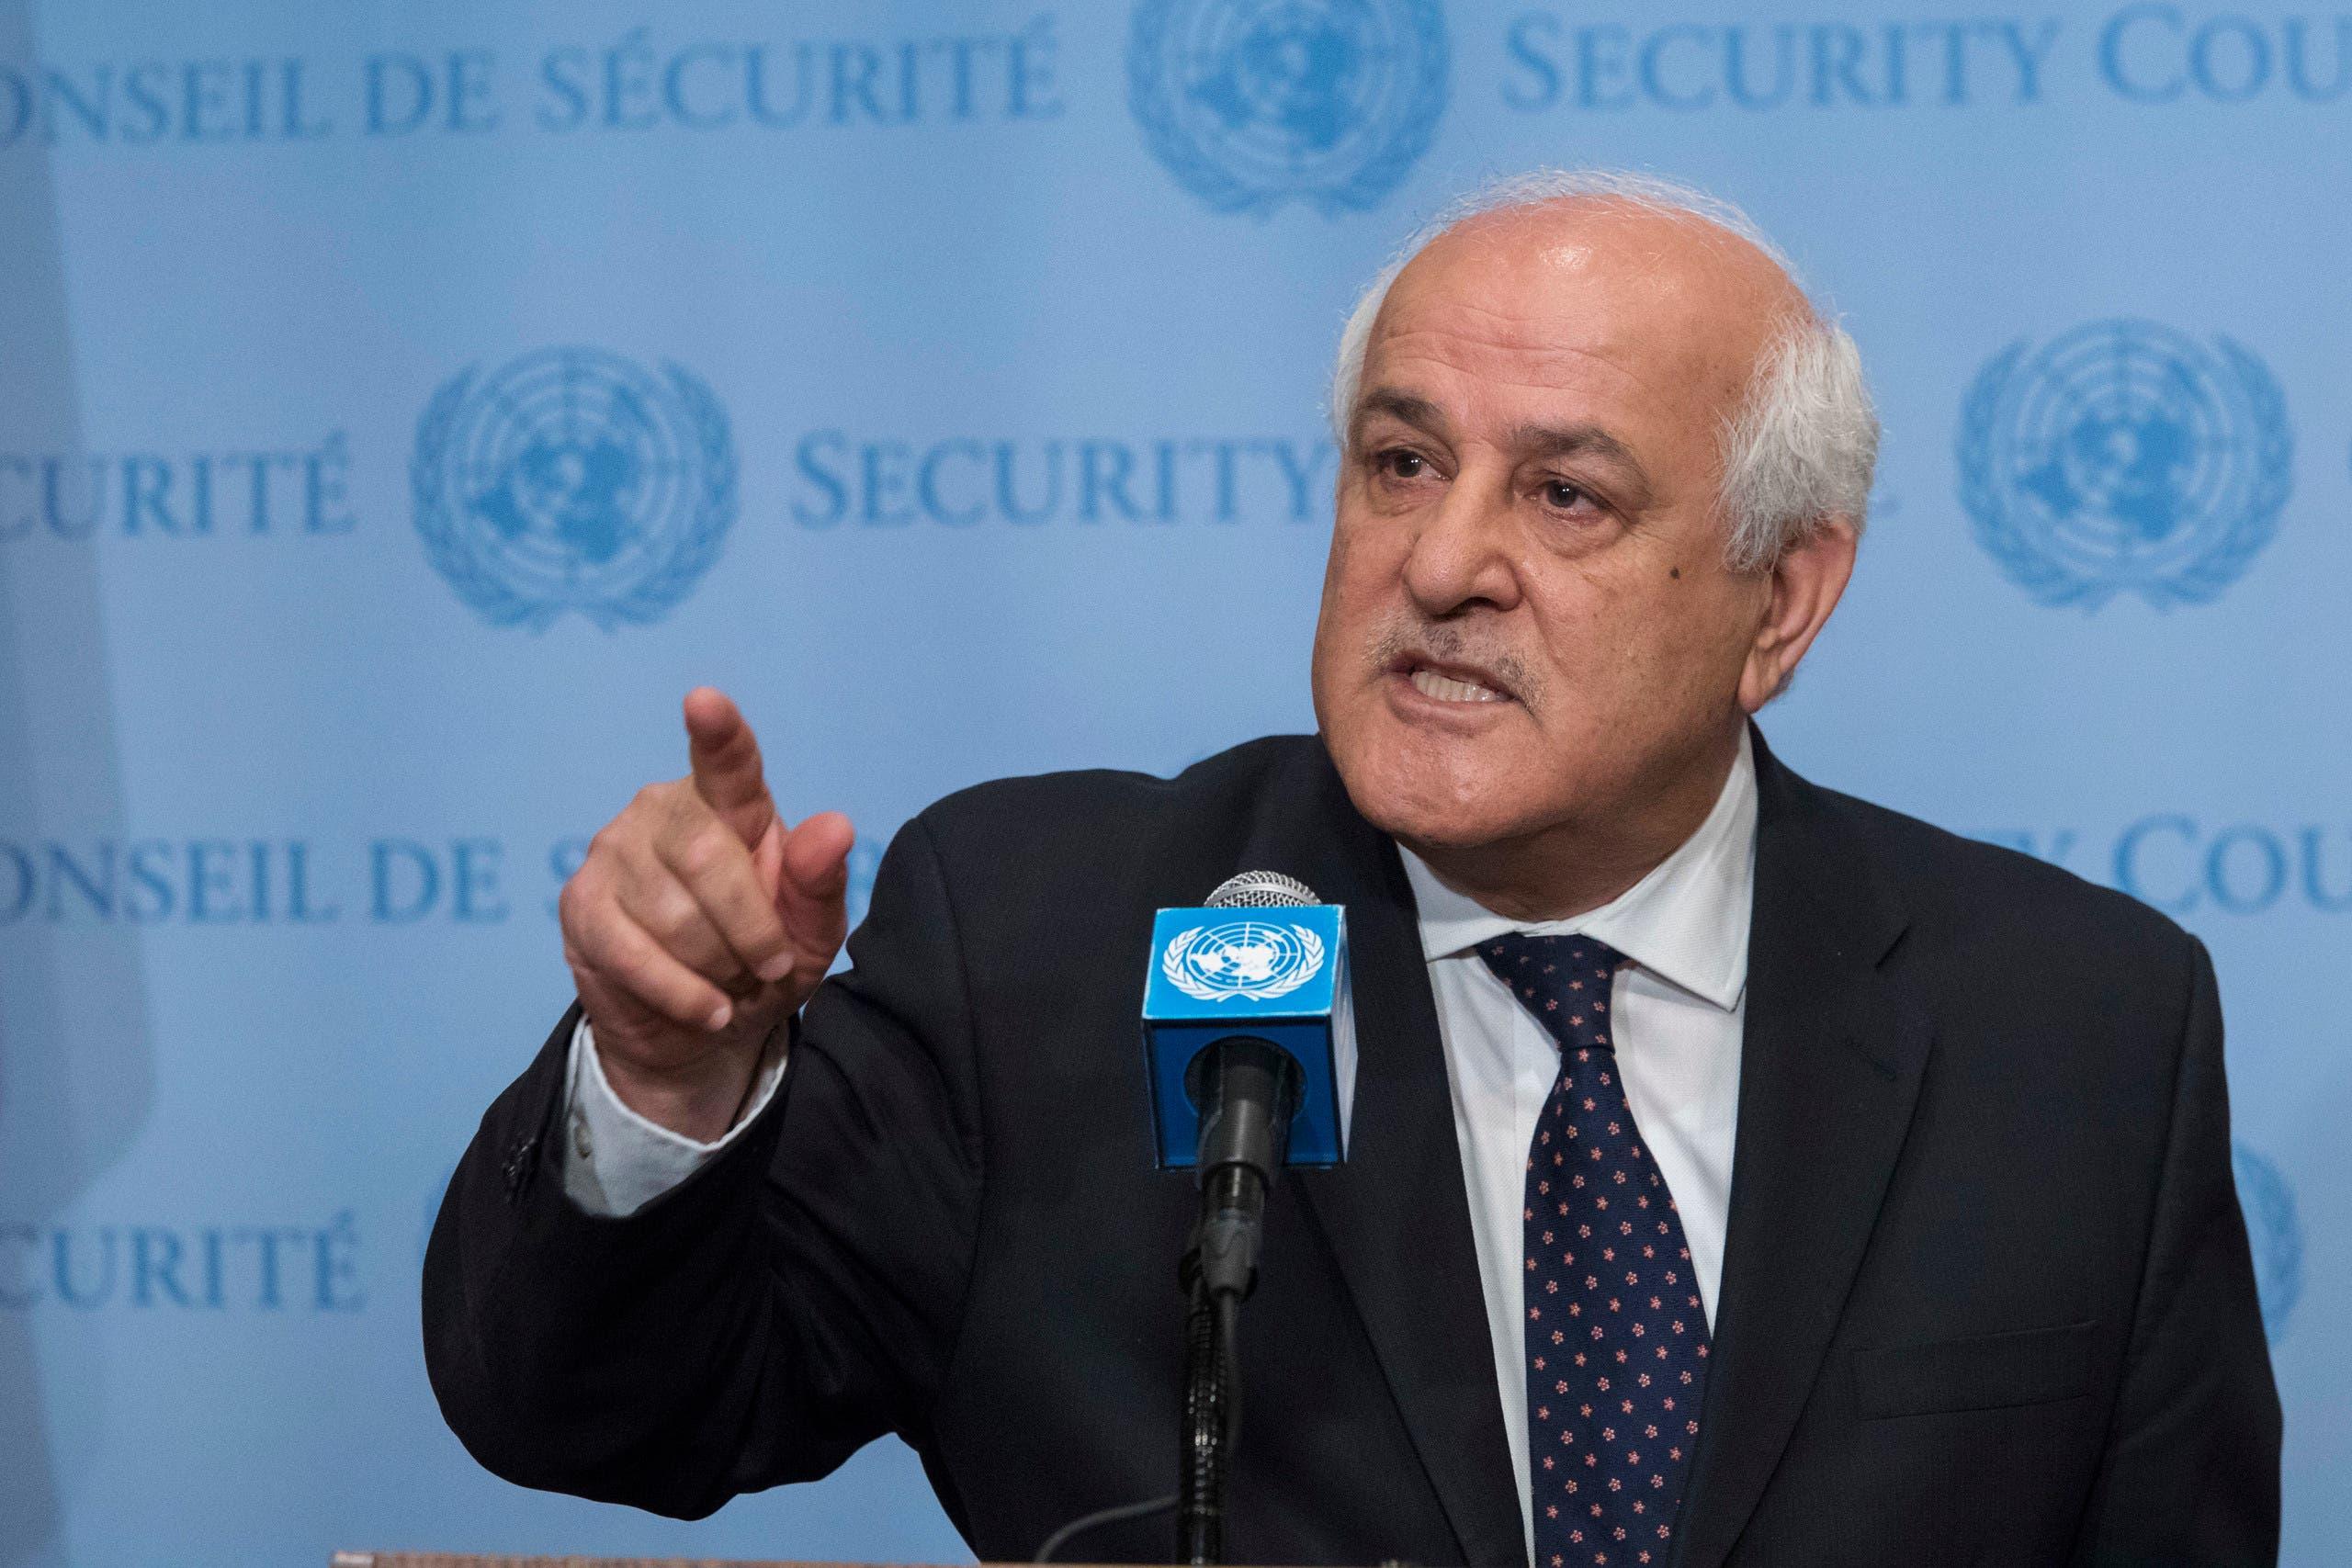 المراقب الفلسطيني في الأمم المتحدة رياض منصور